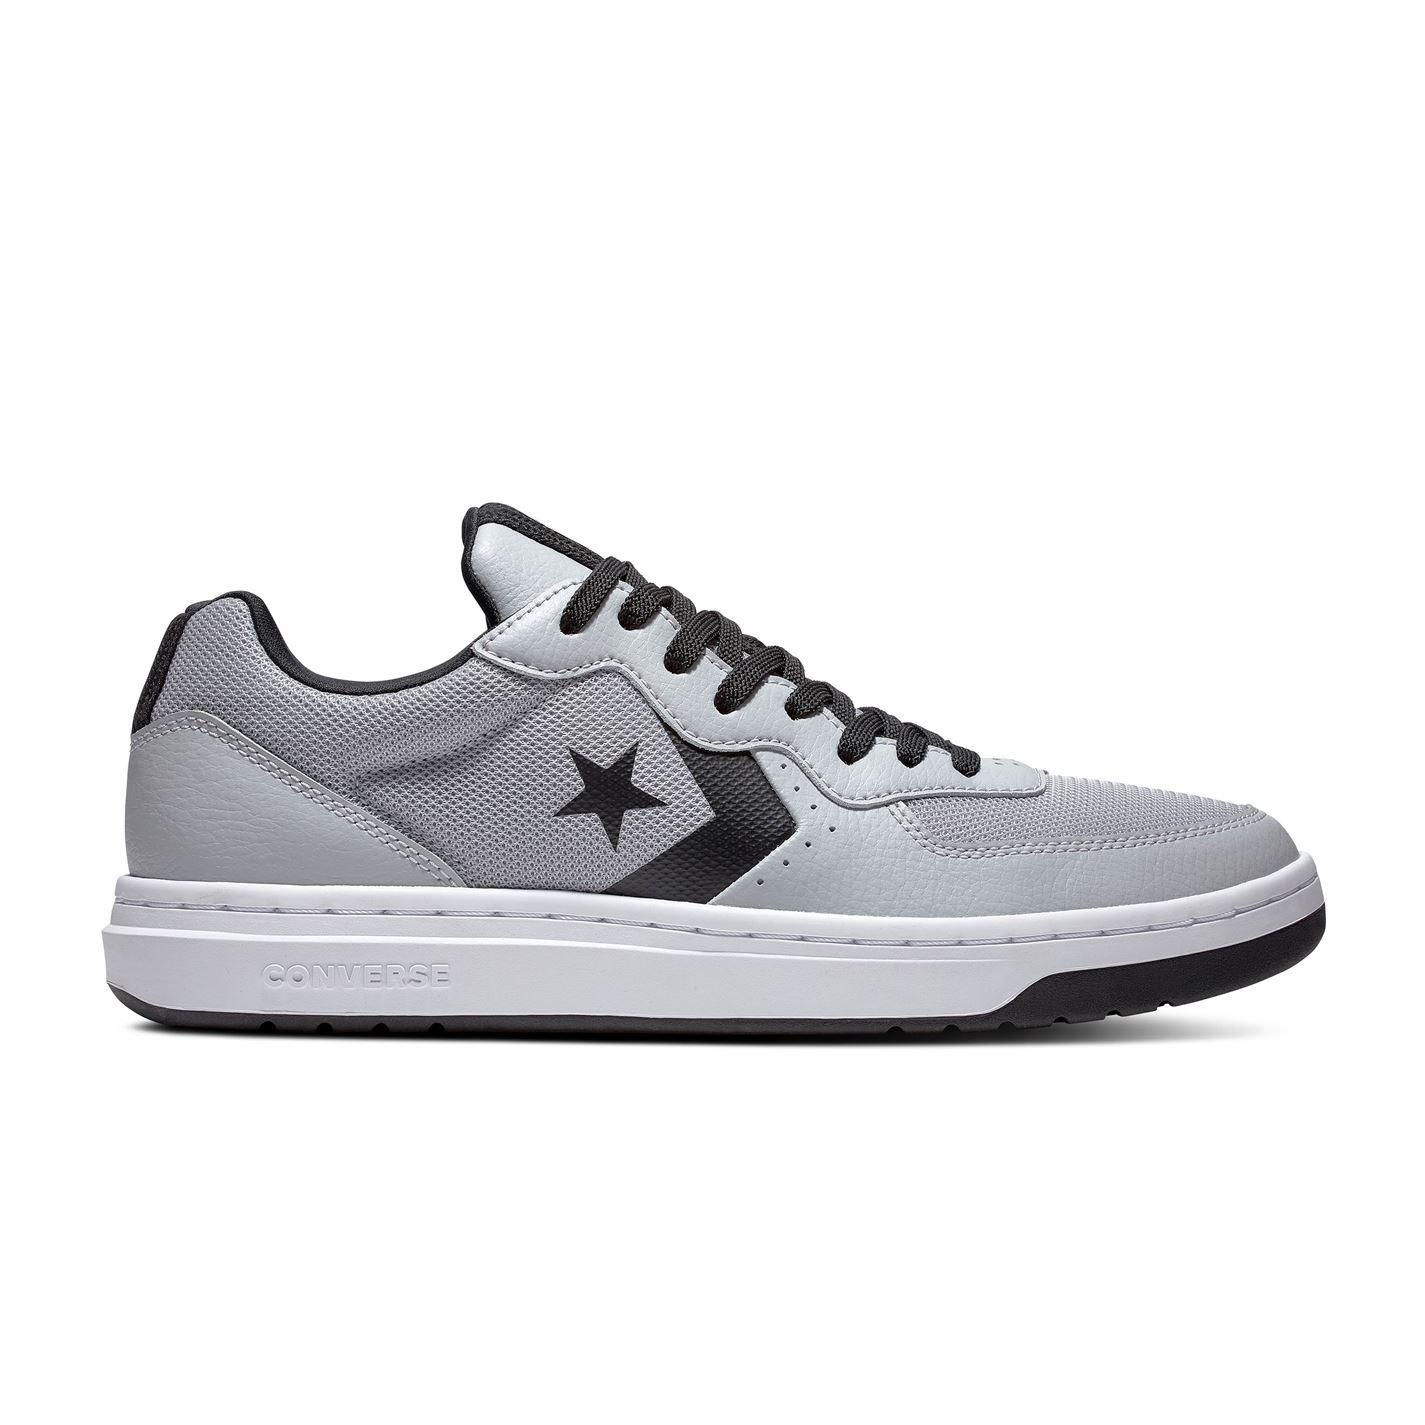 Converse-Rival-Baskets-Pour-Homme-Chaussures-De-Loisirs-Chaussures-Baskets miniature 22